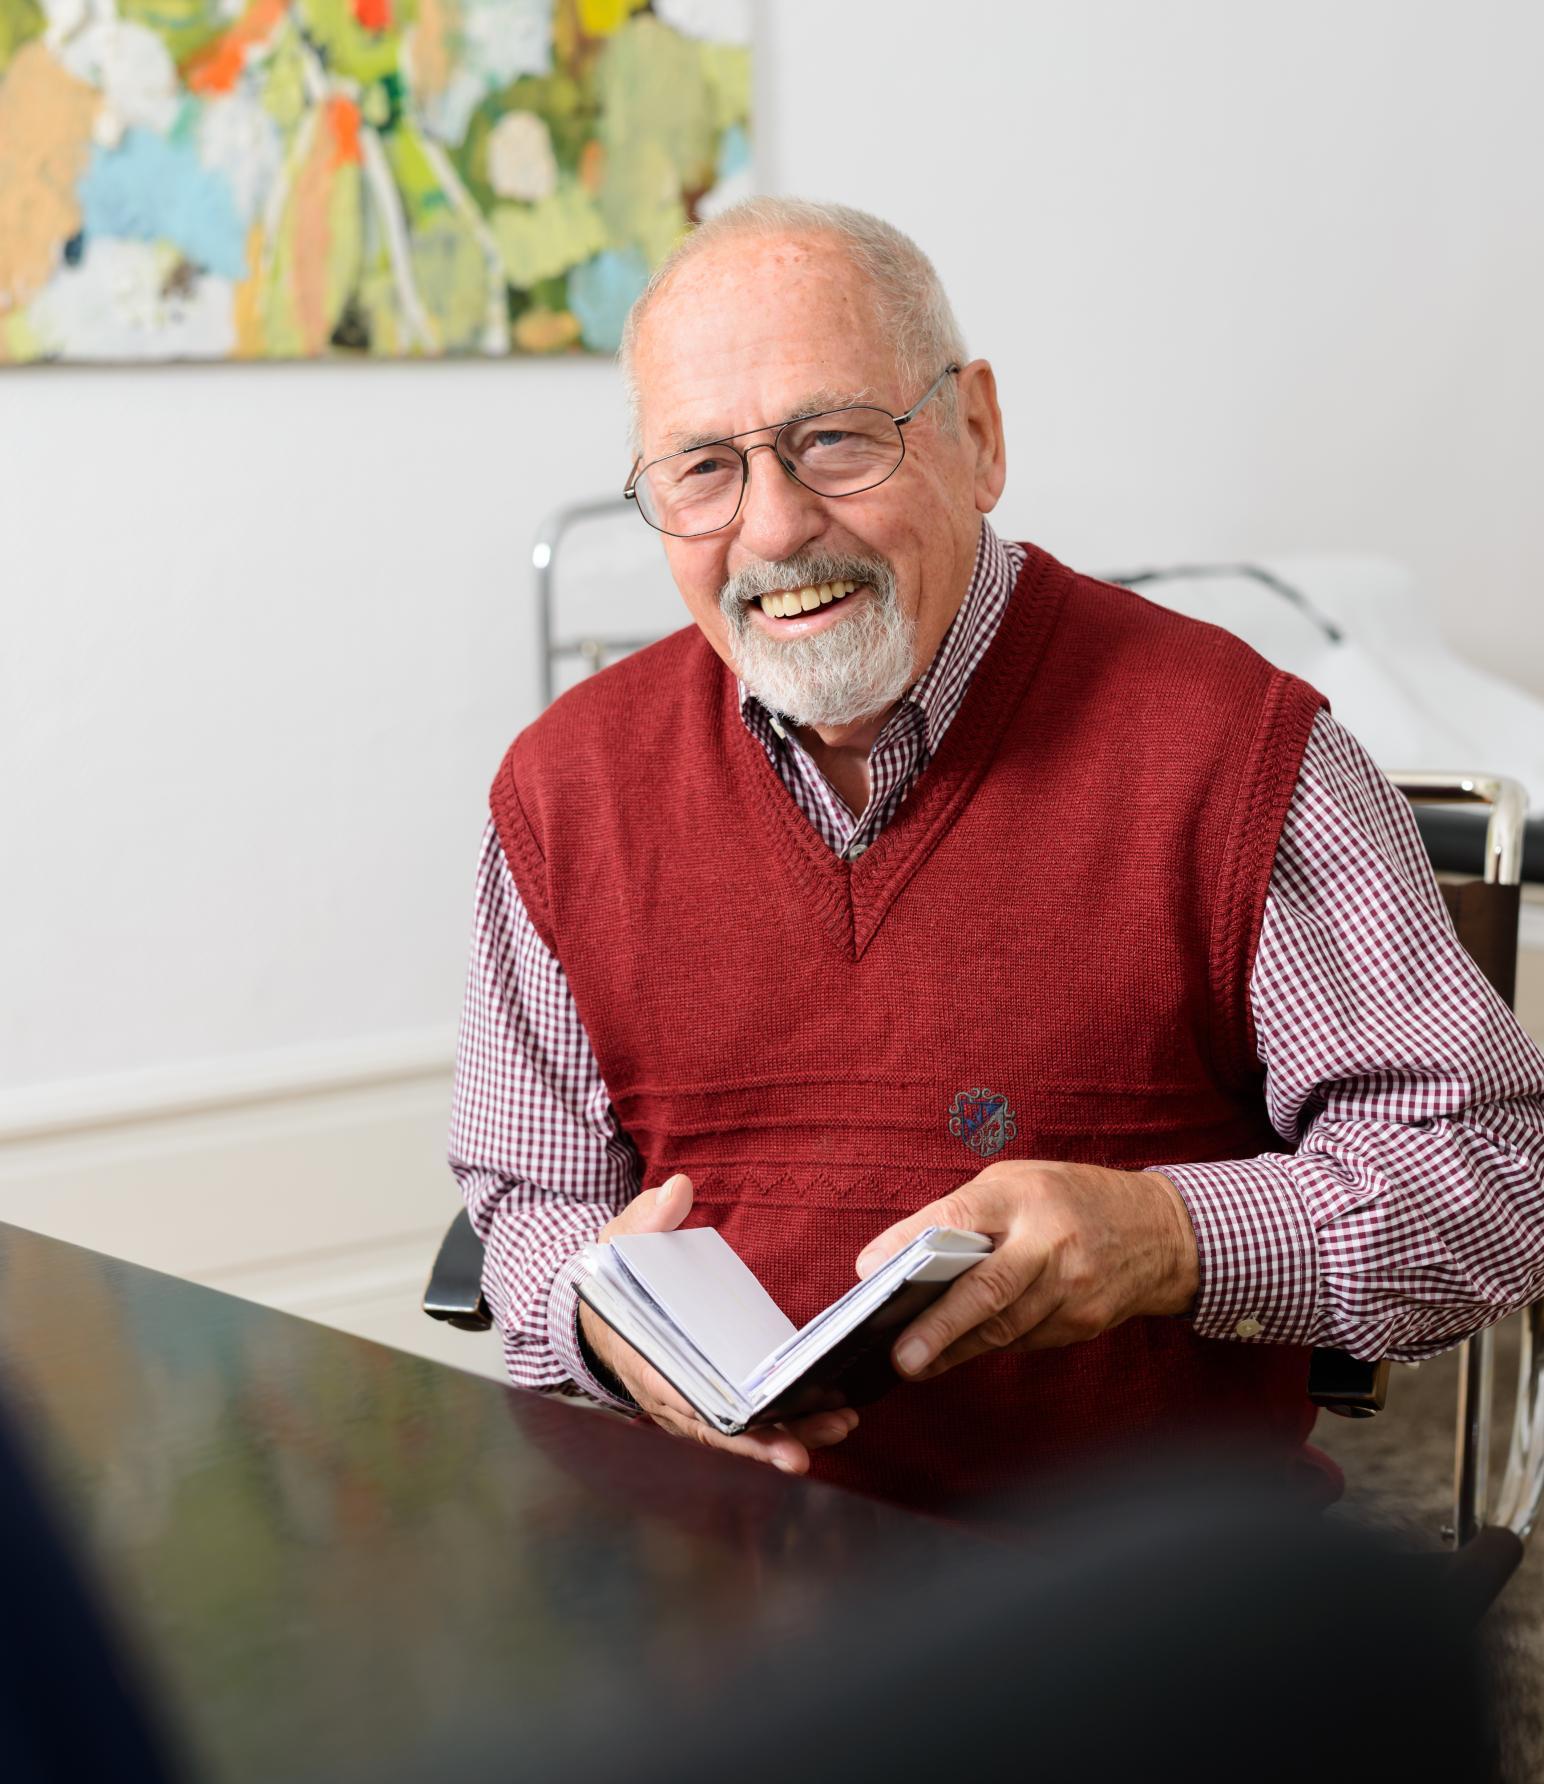 Älterer Patient/Mann bei Arzt/Diabetesberater